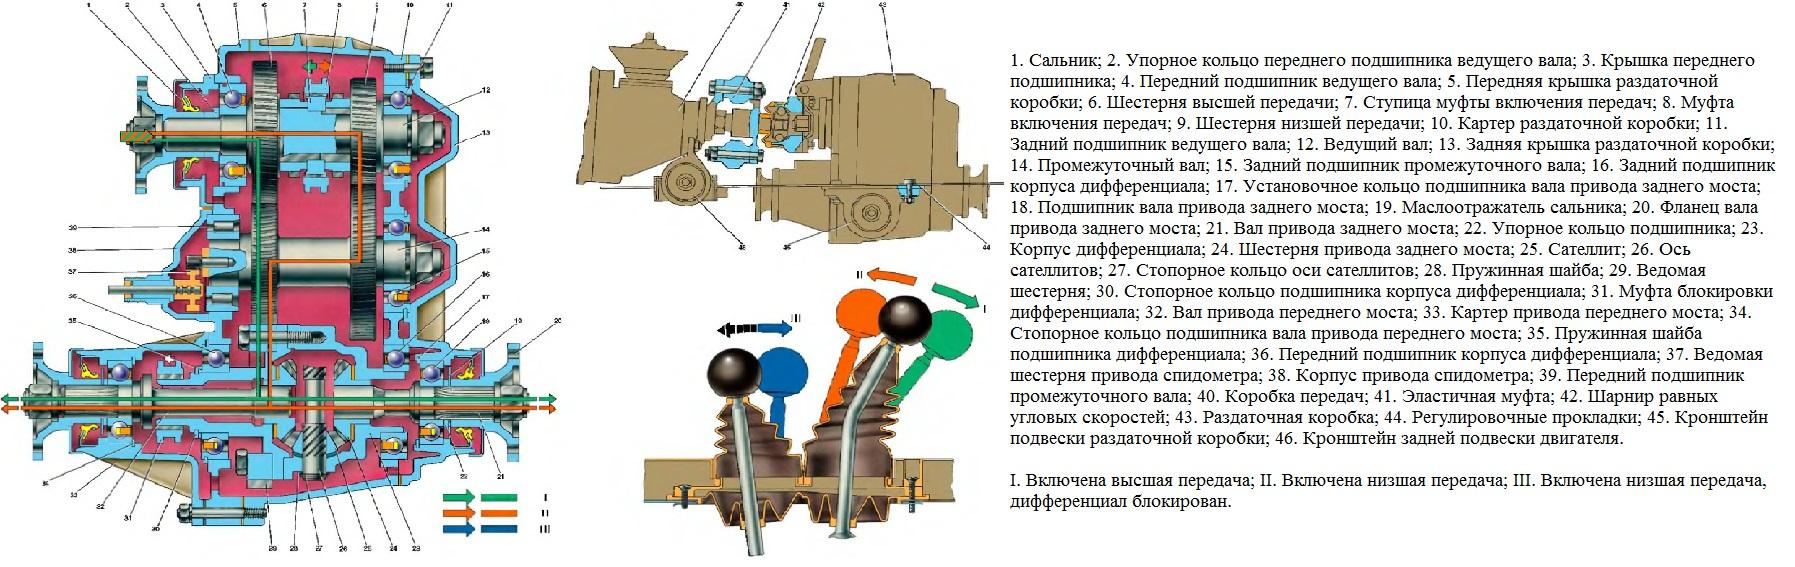 Раздаточная коробка, ее привод и схема работы